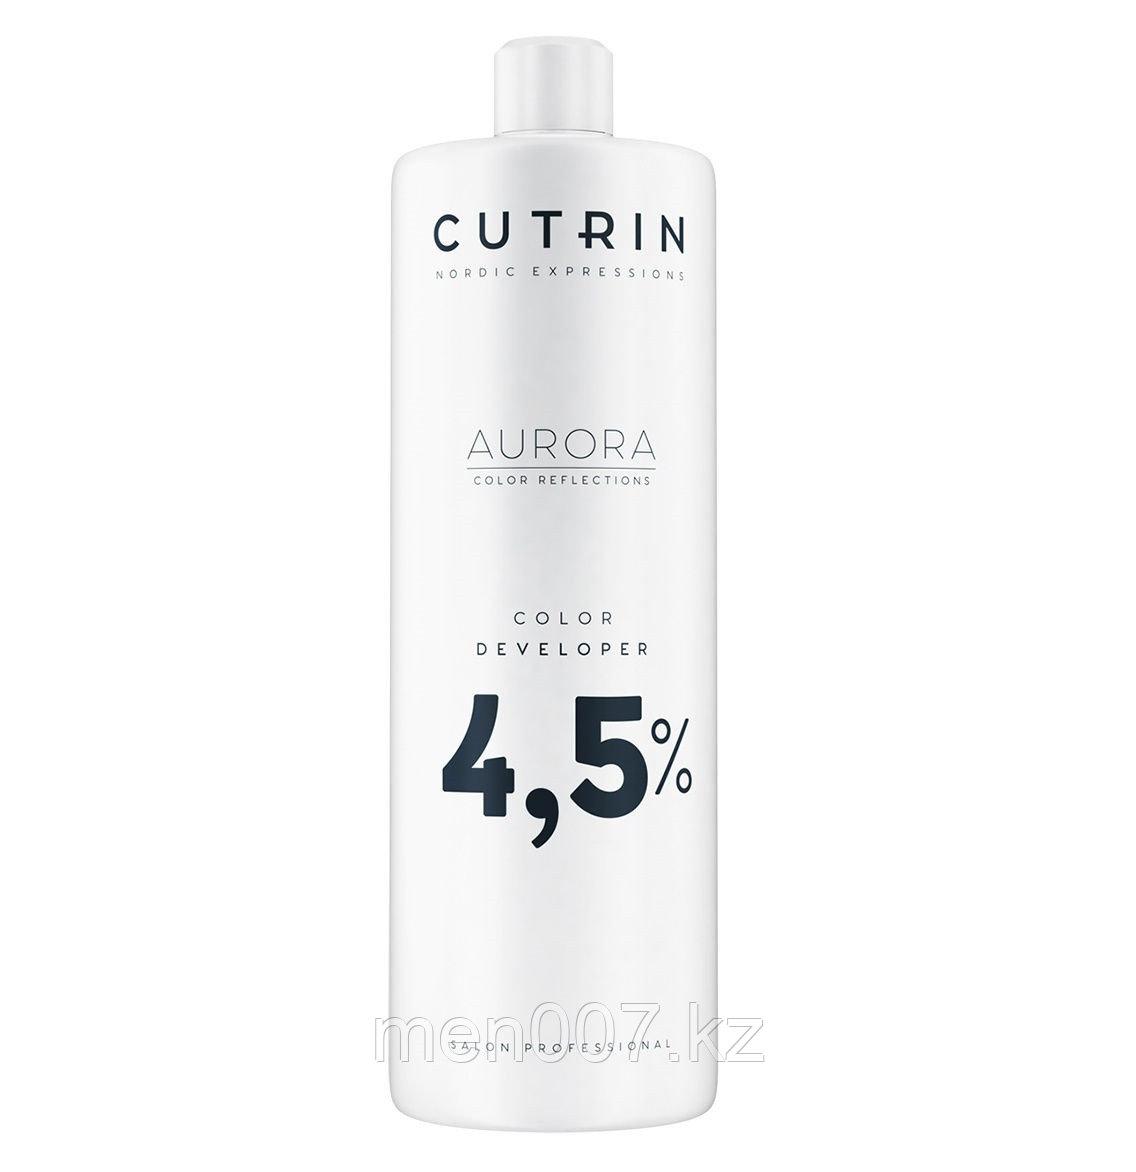 Cutrin AURORA (Активатор 4,5% для краски) 1000 мл